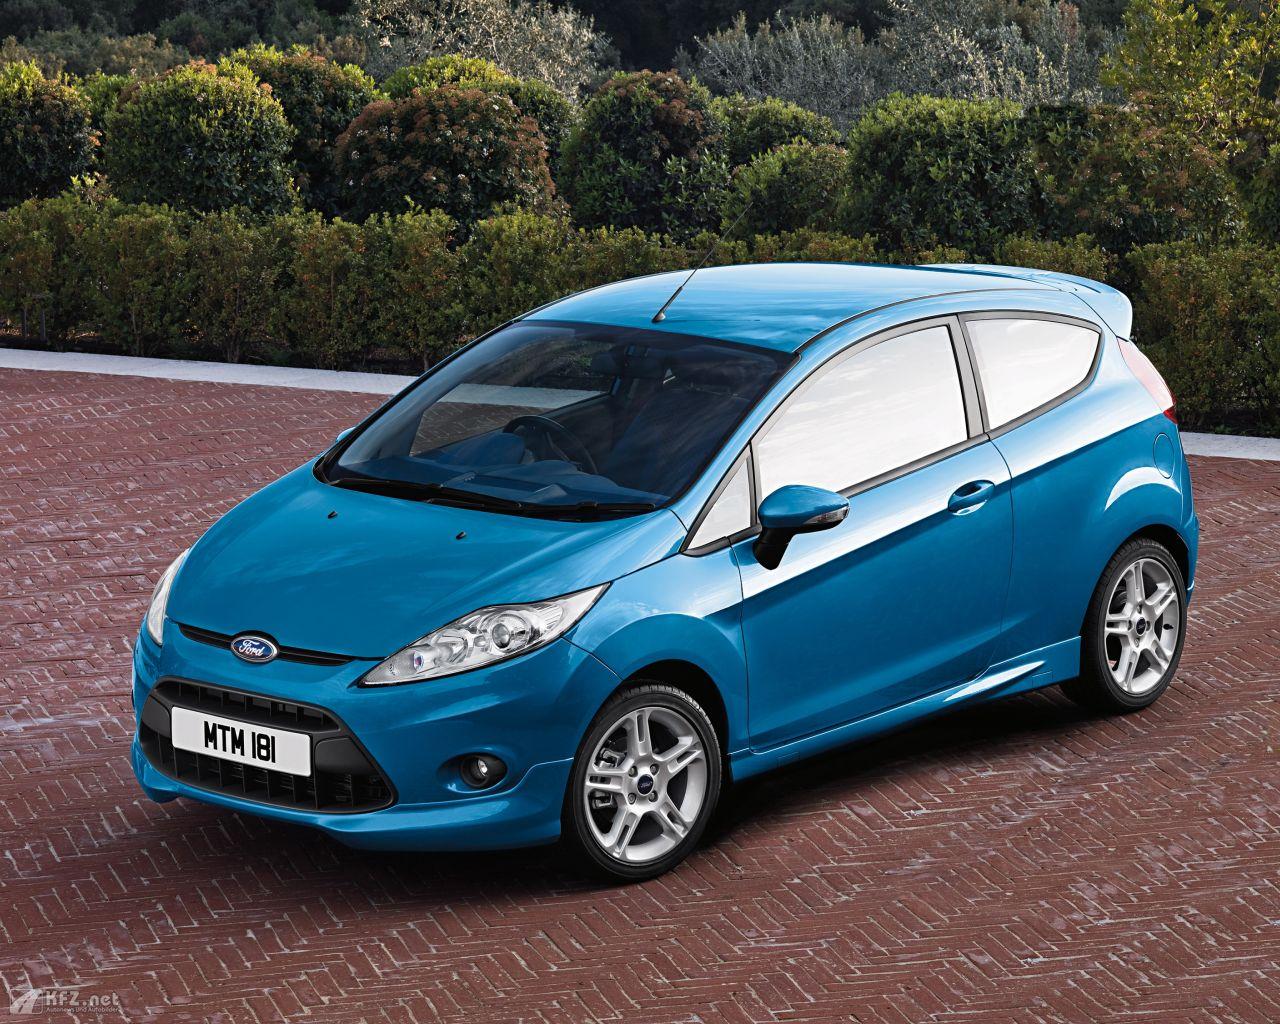 Ford Fiesta Bilder Ein Kleinwagen Mit 3 Oder 5 T 252 Ren